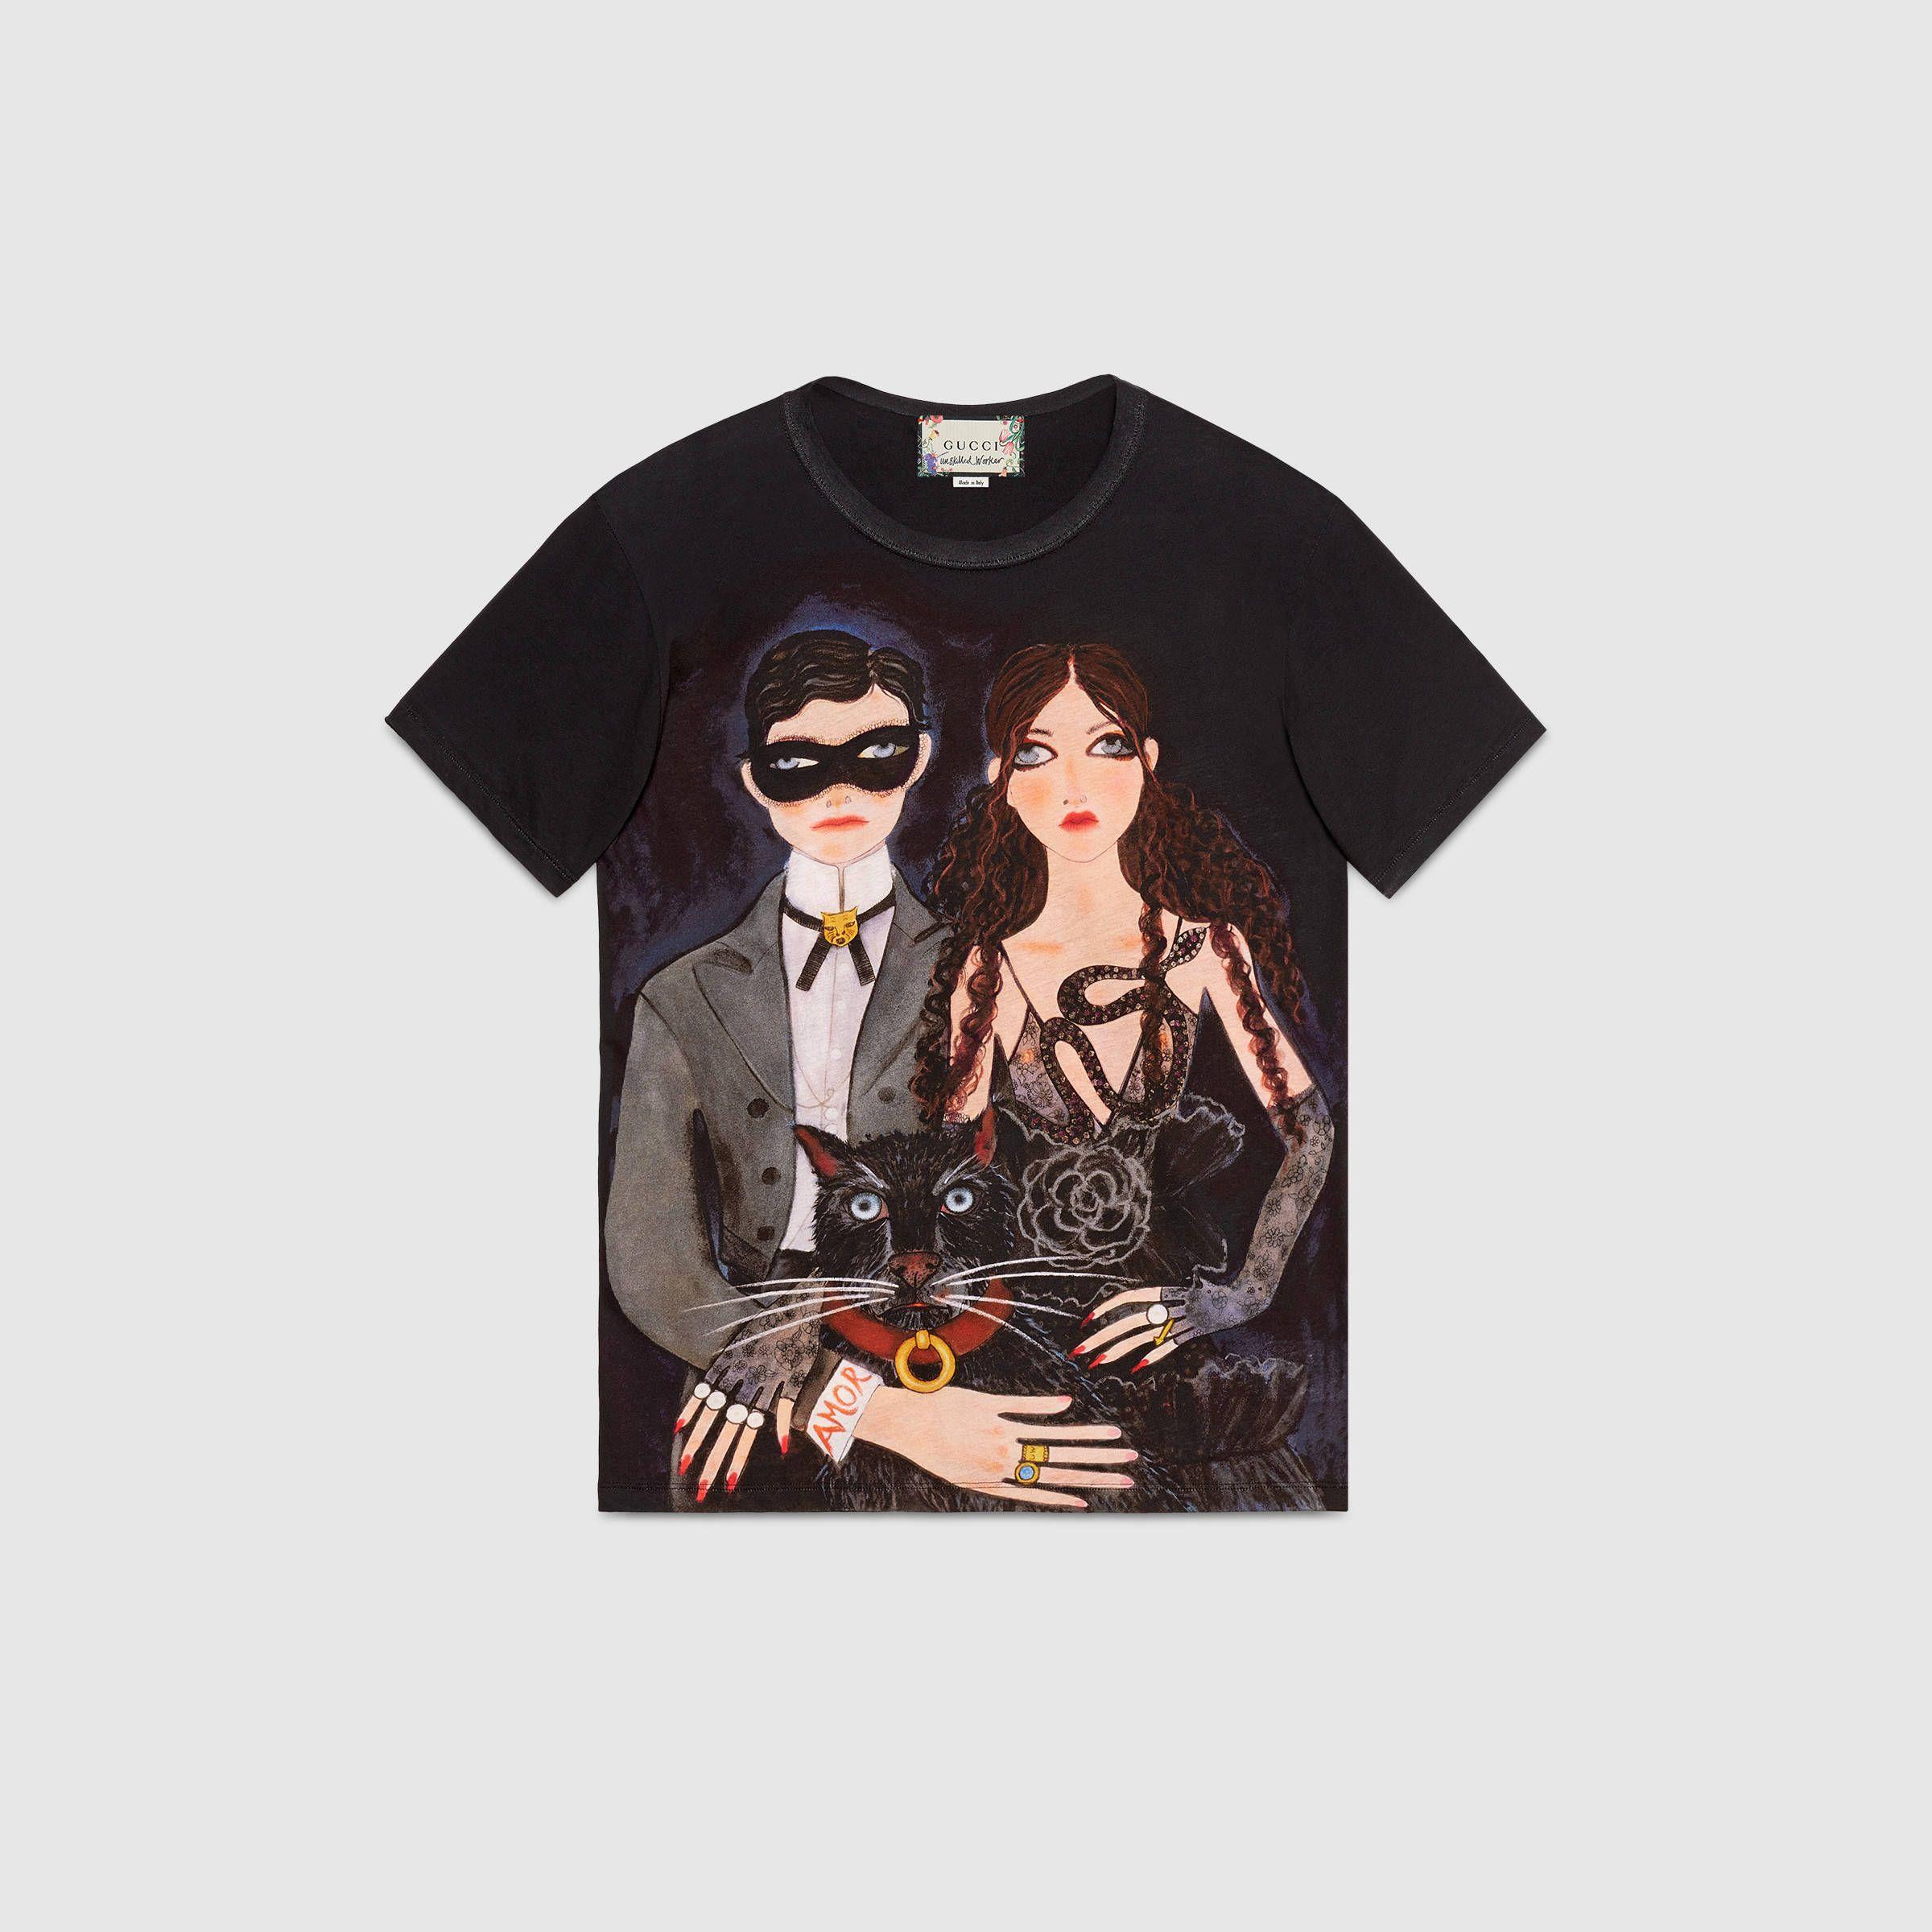 46c1d7b82 Unskilled Worker T-shirt   Wish List   Gucci shirts, Gucci, Mens tops